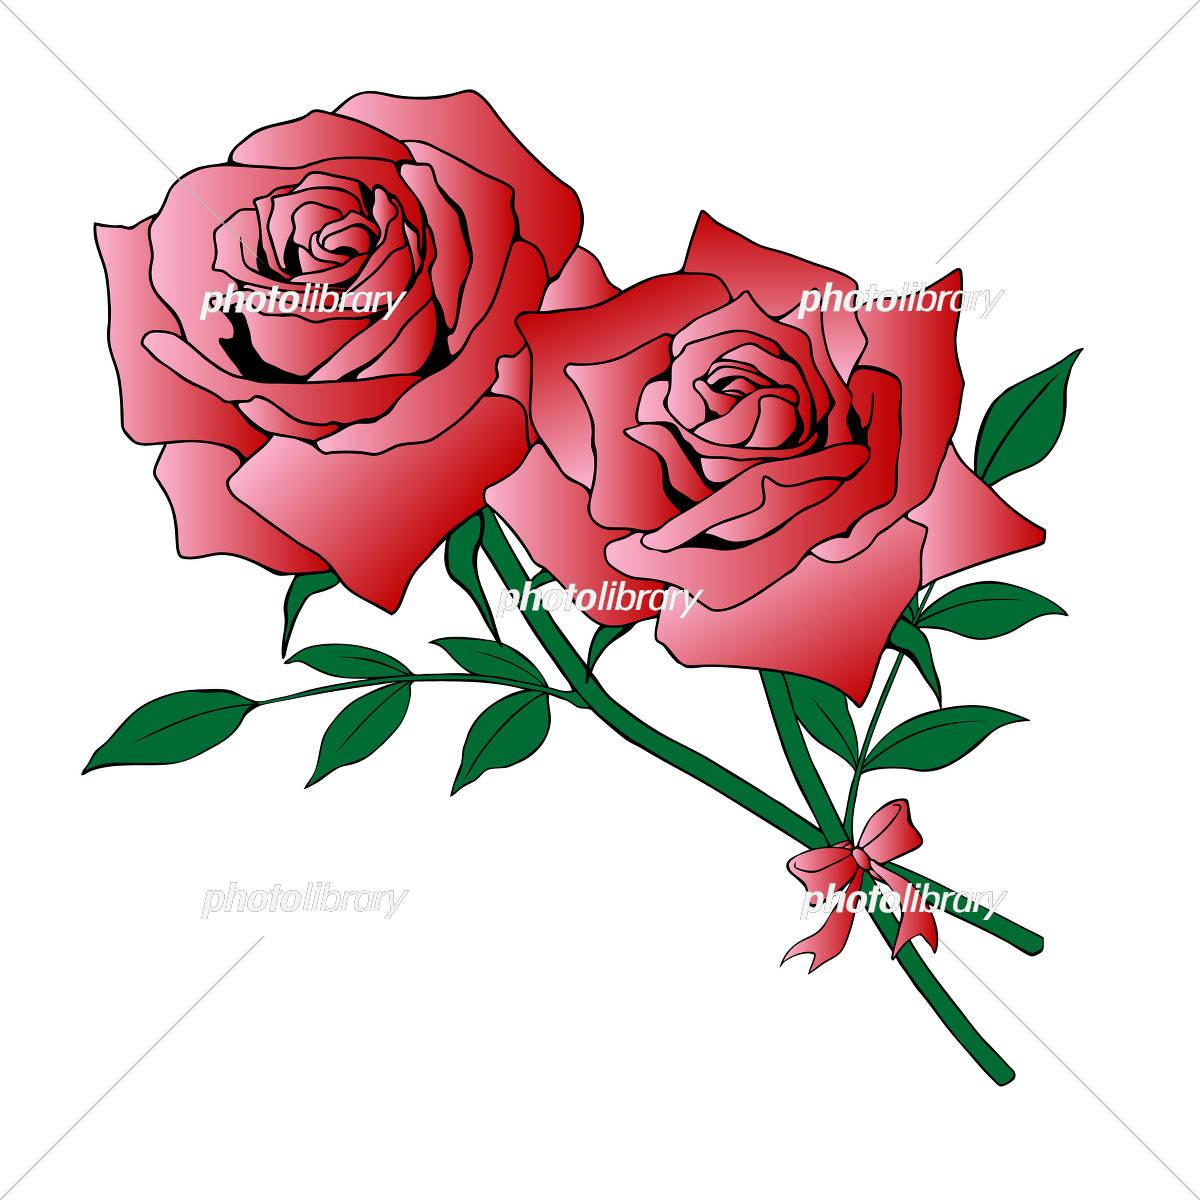 二輪の赤い薔薇 イラスト素材 5026633 フォトライブラリー